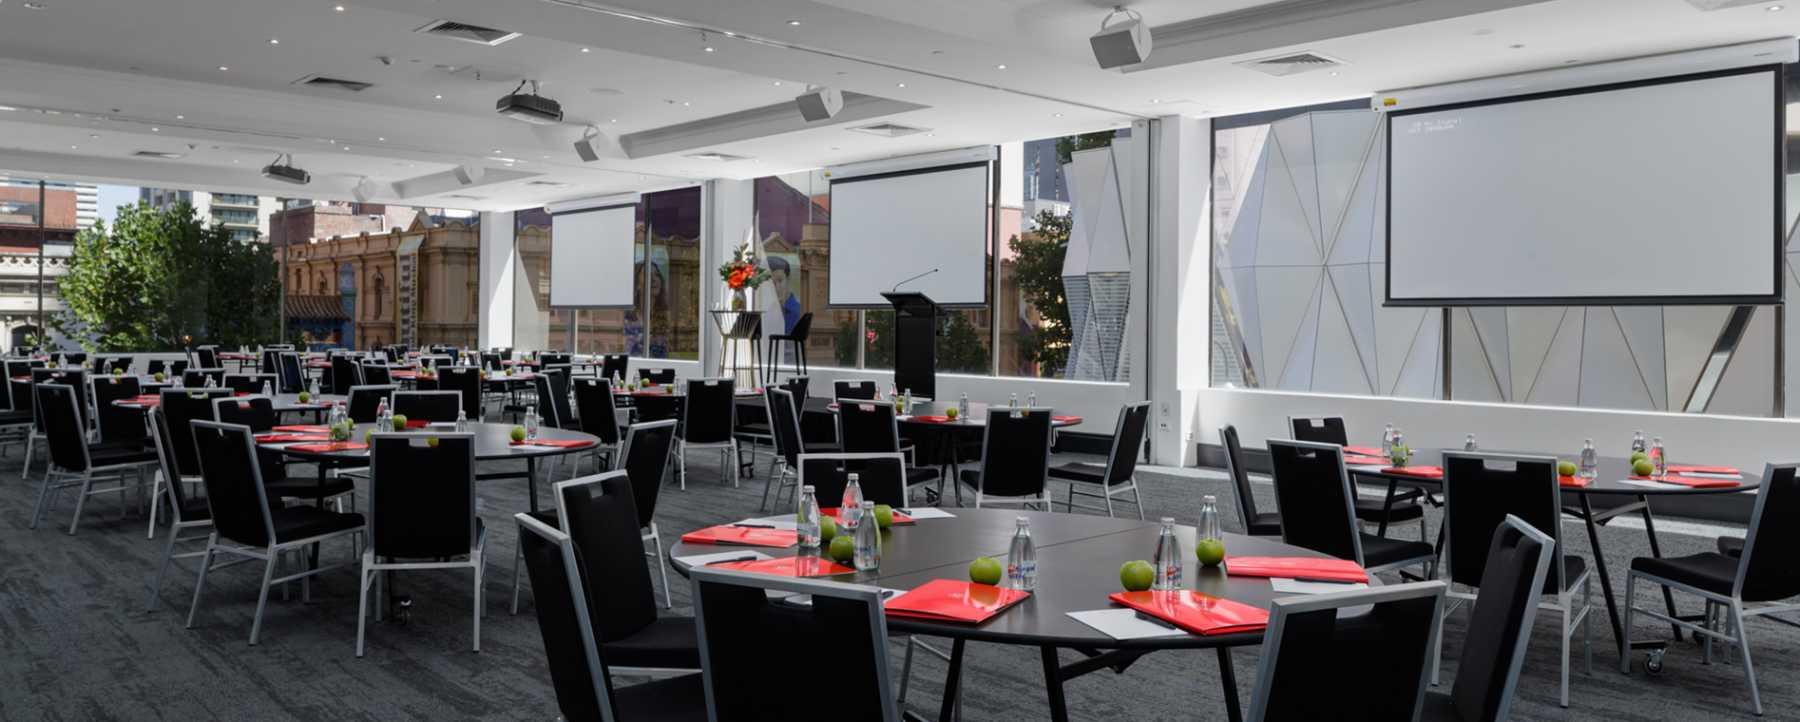 Rydges Melbourne Conference Room